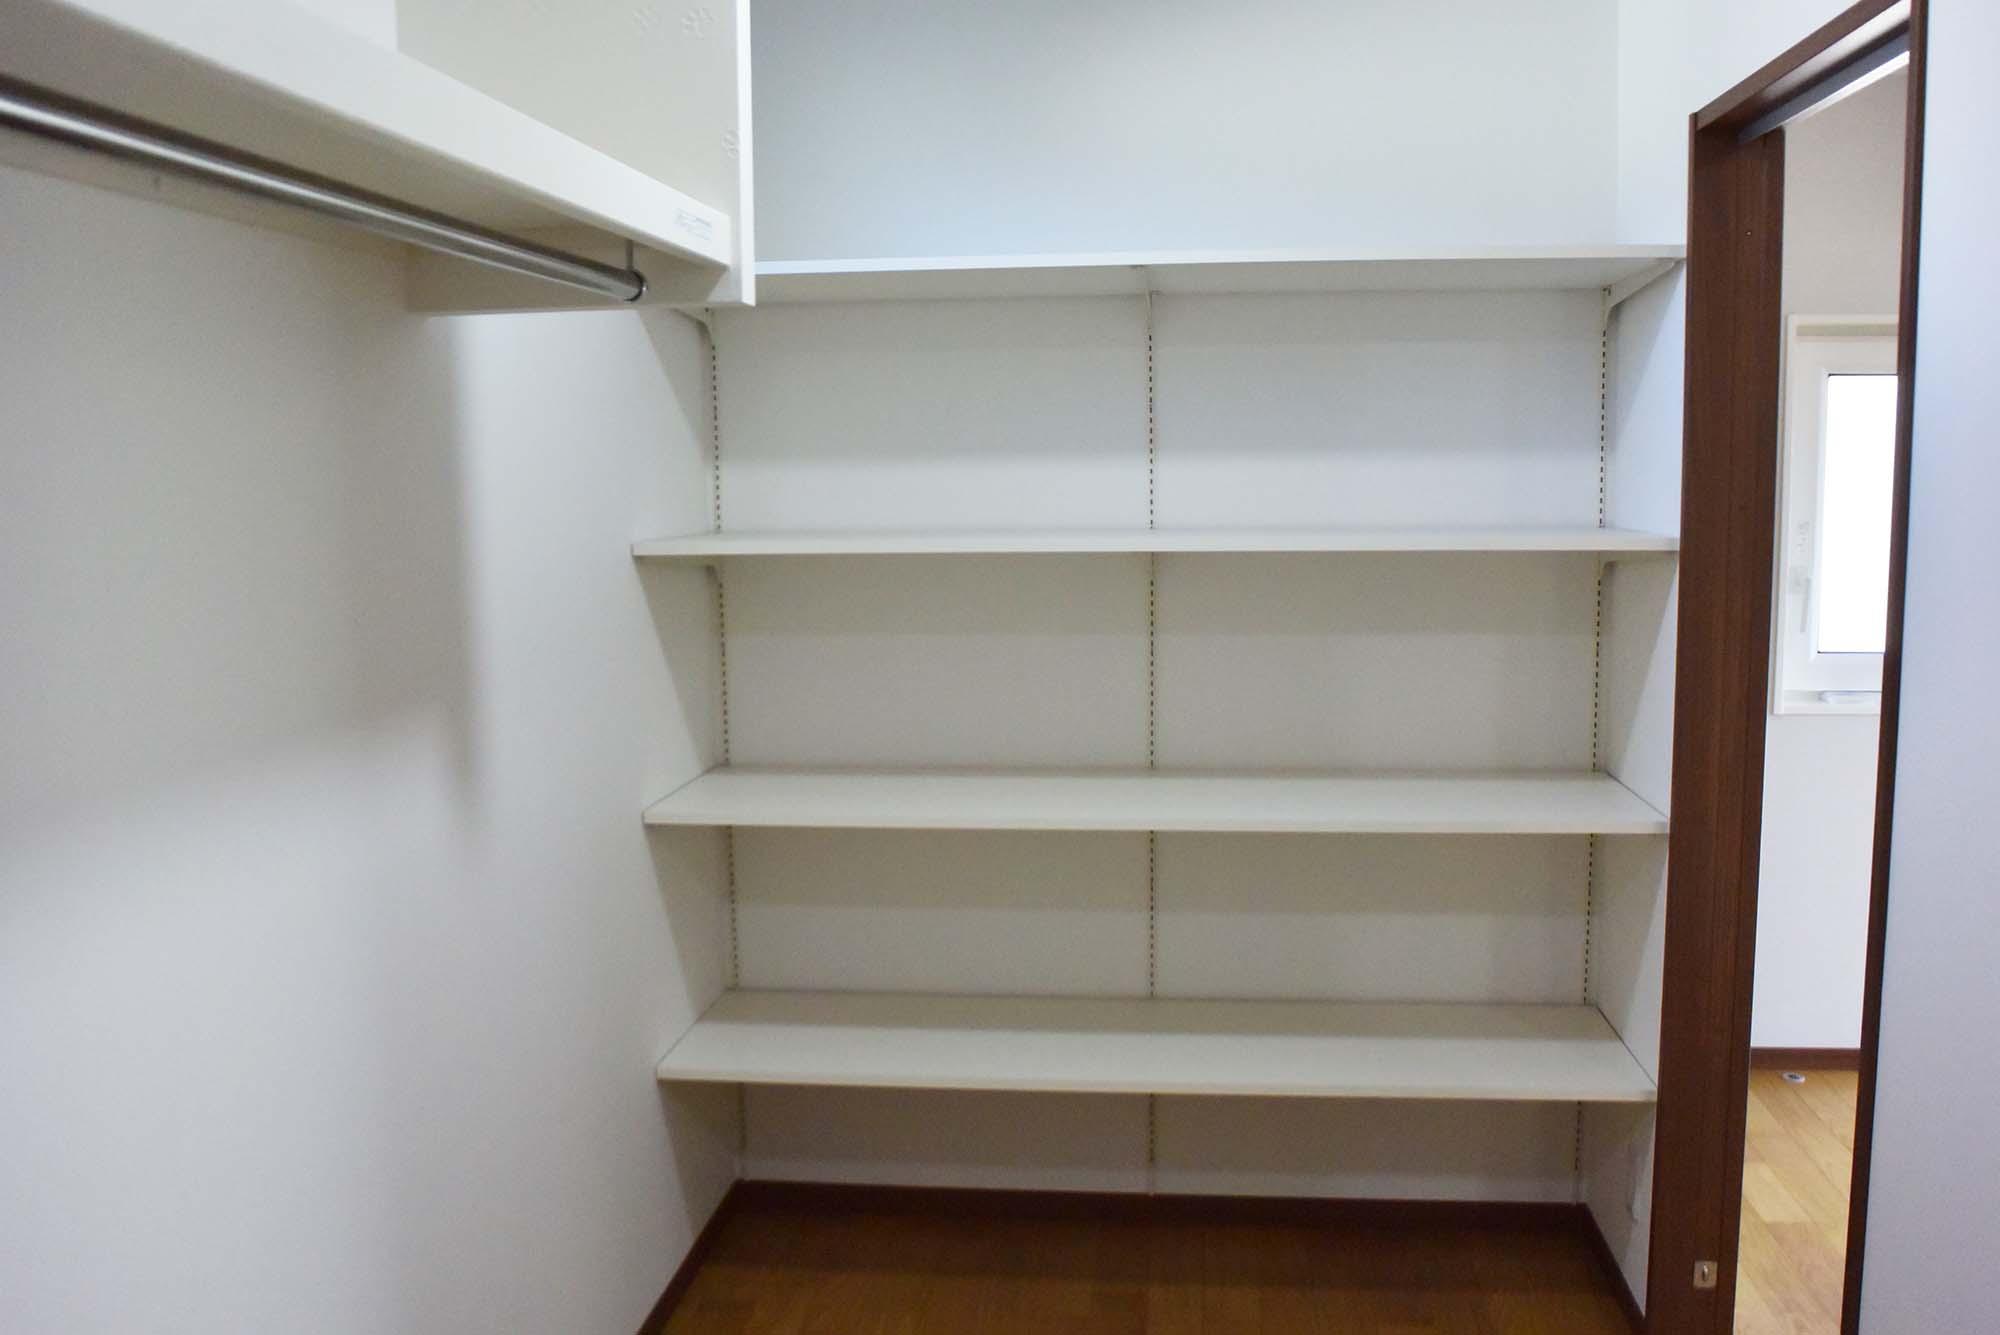 2F、とても広い収納スペースがあります。